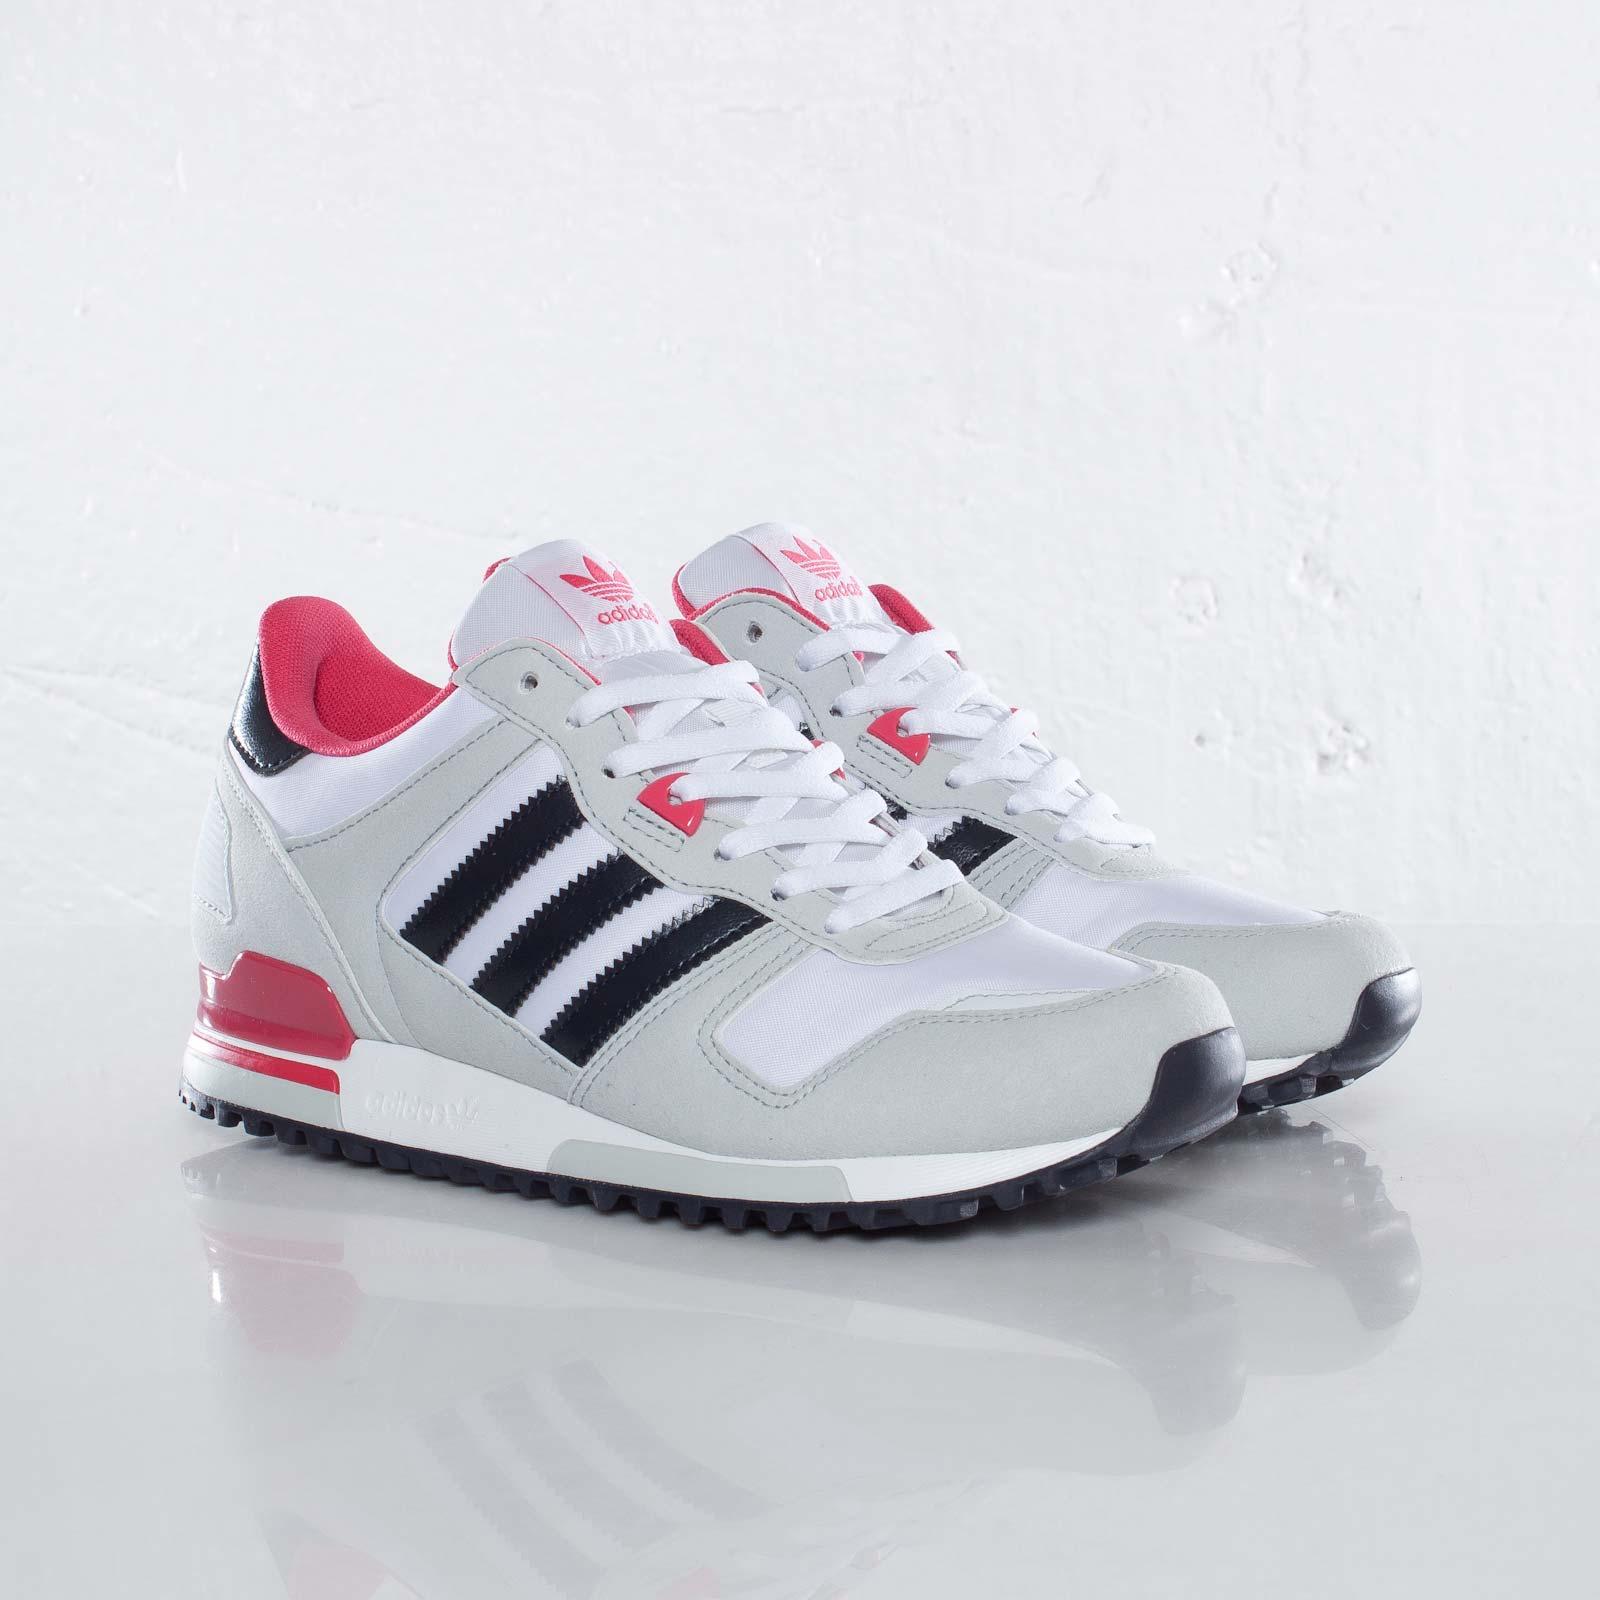 adidas ZX 700 W - Q20698 - SNS   sneakers & streetwear online ...